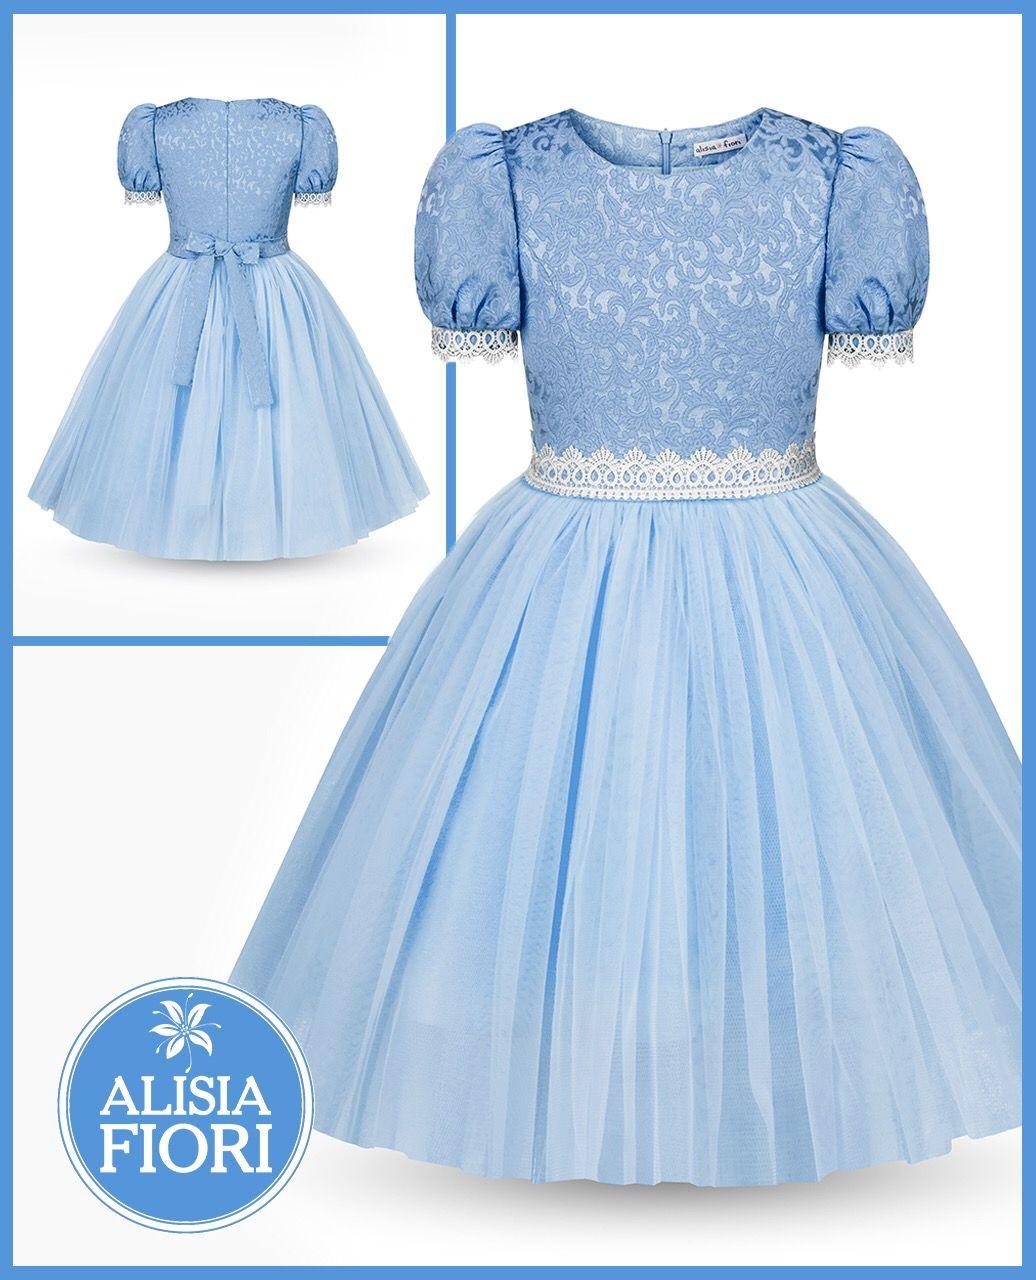 Pin de ana. em Dresses | Vestidos incríveis, Belos vestidos, Vestidos